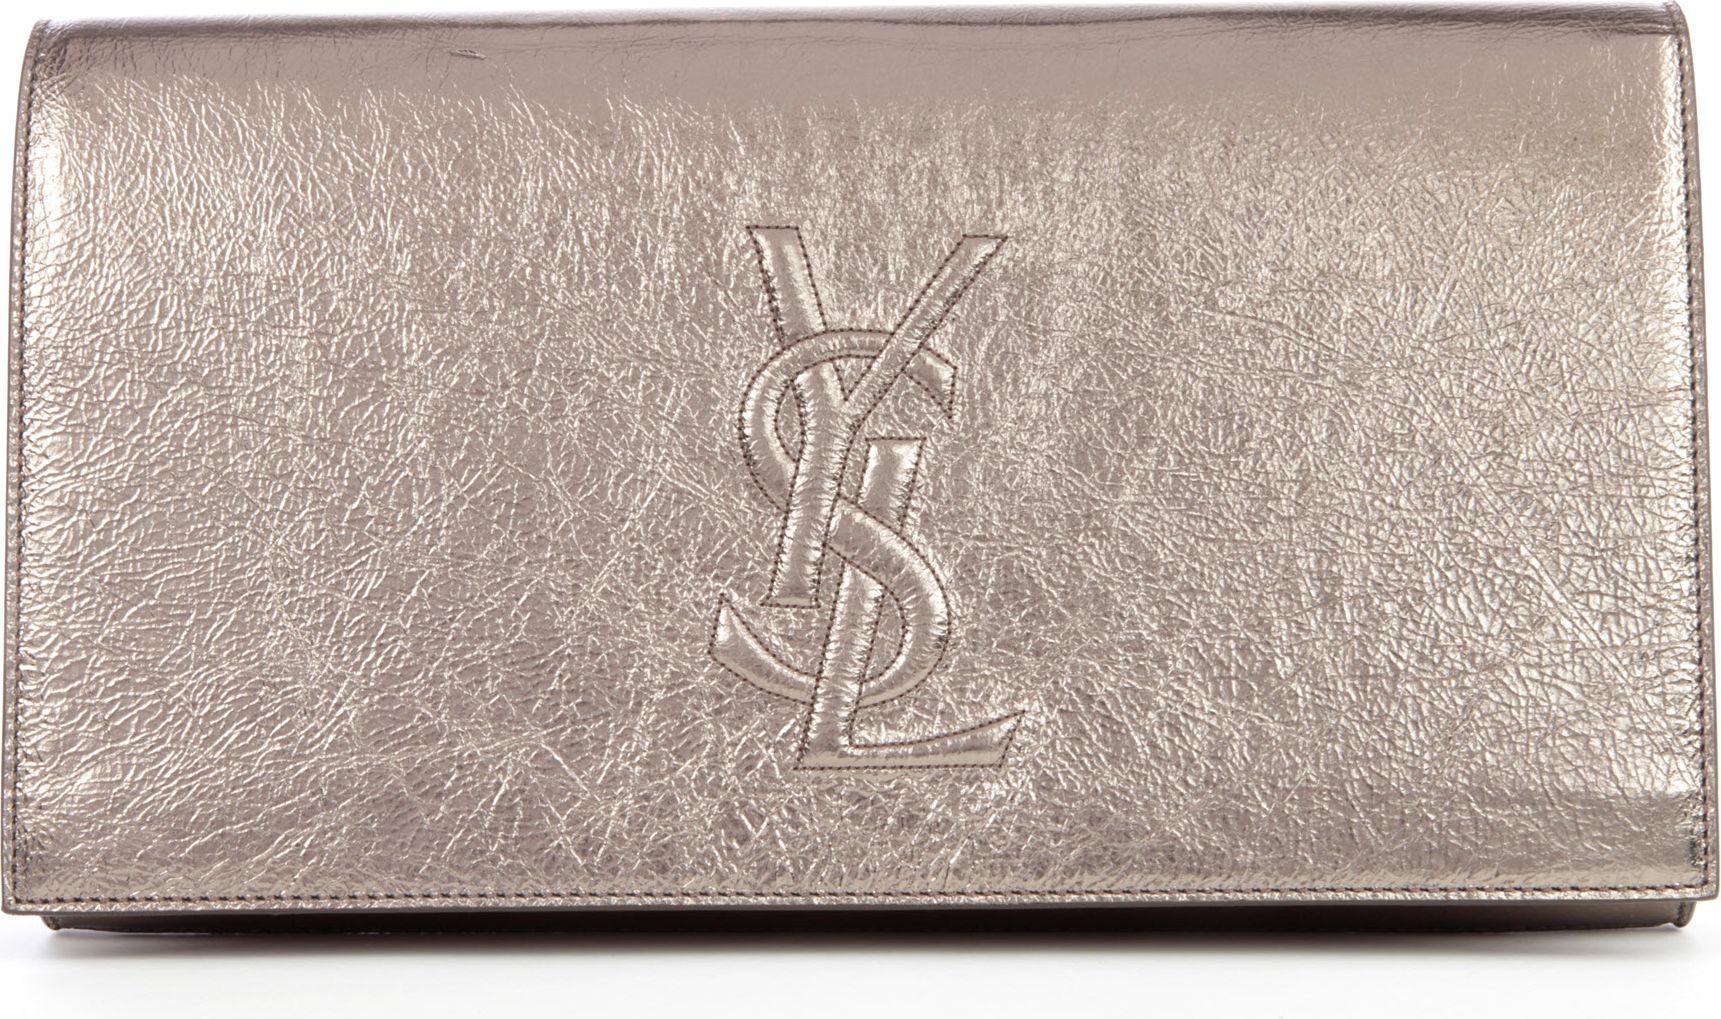 dc2a777c31c7 Saint Laurent Belle De Jour Metallic Leather Clutch in Metallic - Lyst